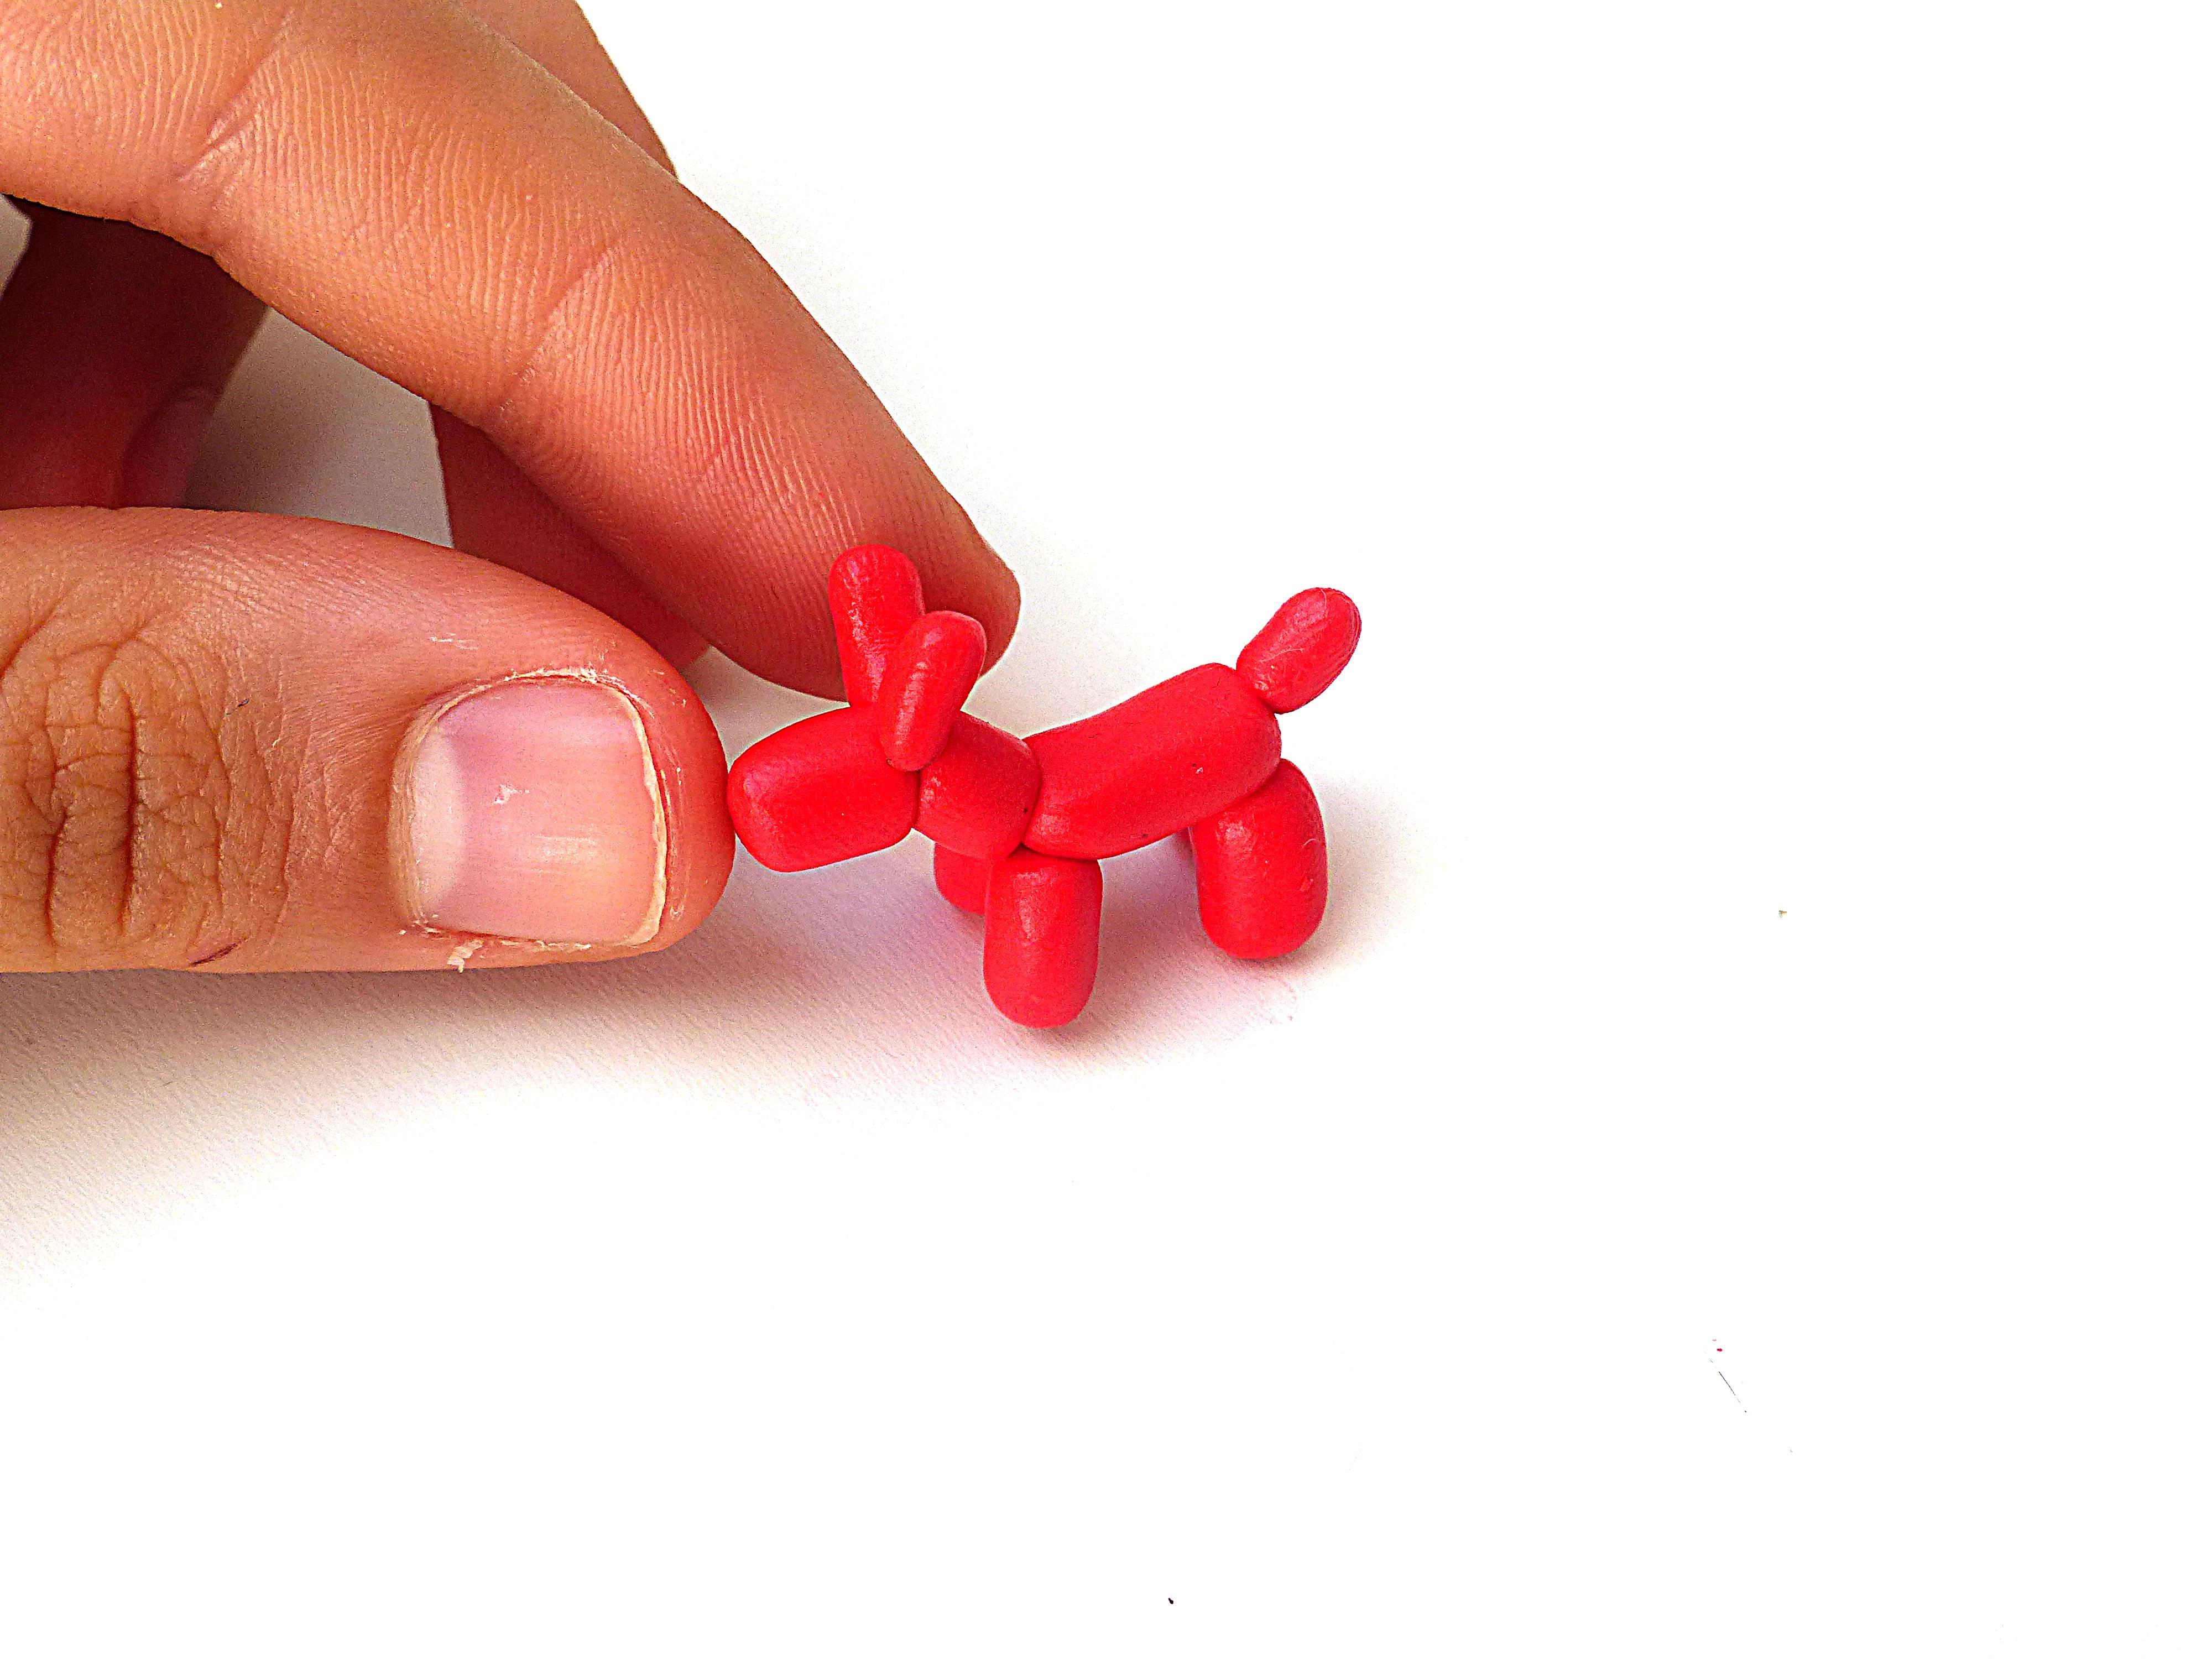 Les deux derniers boudins vont former les oreilles. Il suffit de les attacher au sommet du cou, de chaque coté du museau.